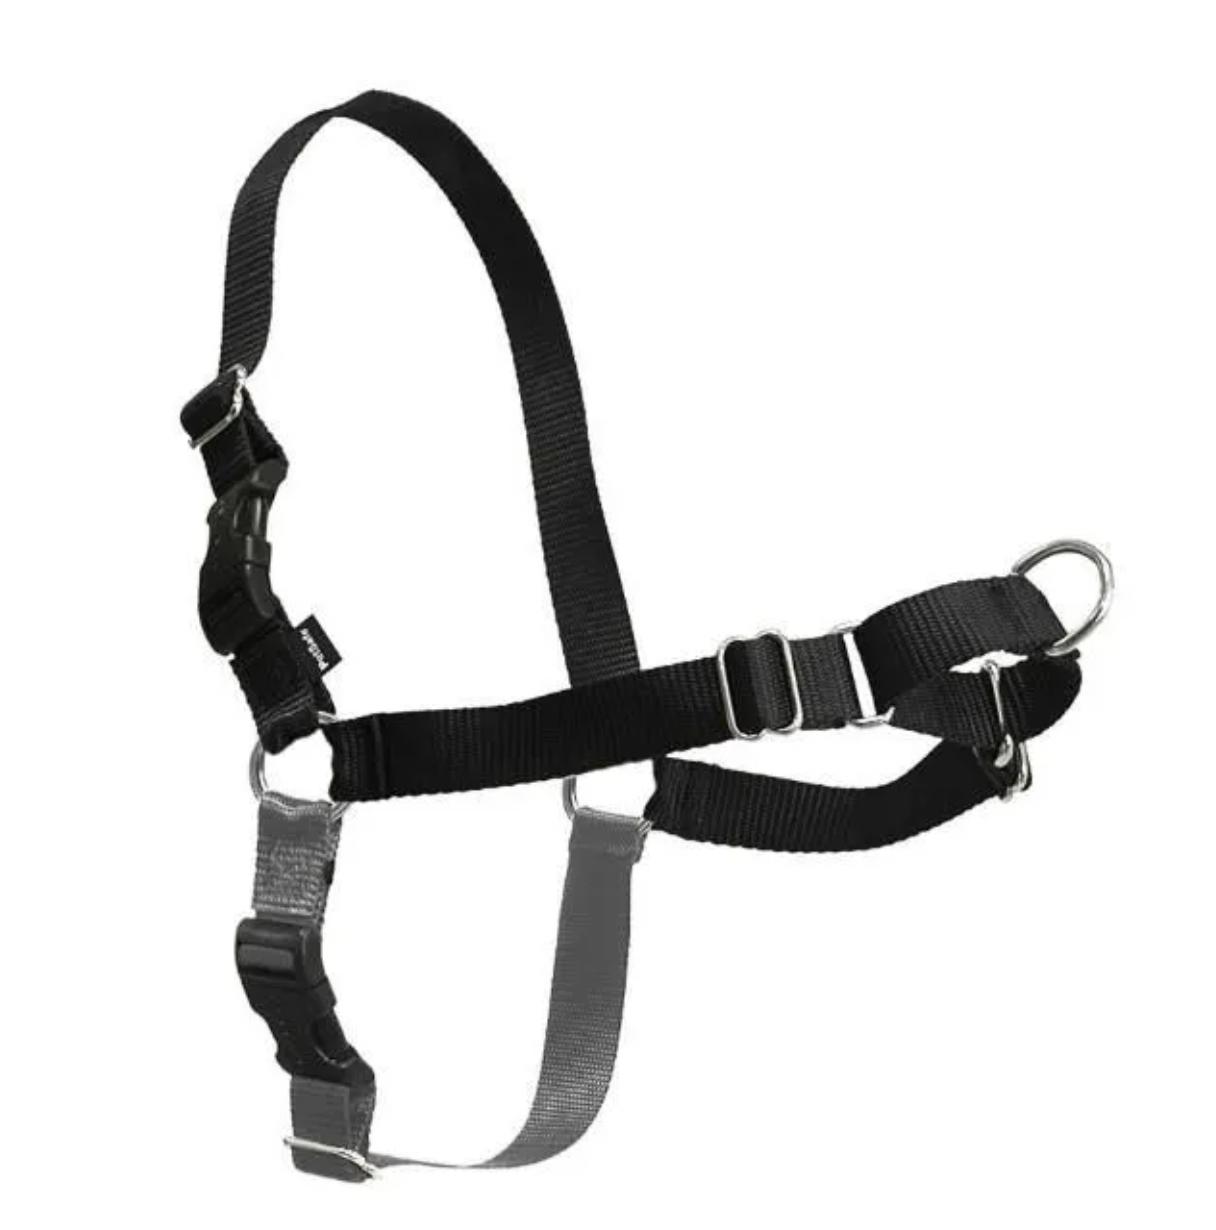 Easy Walk Harness w/ Leash Black Small/Medium